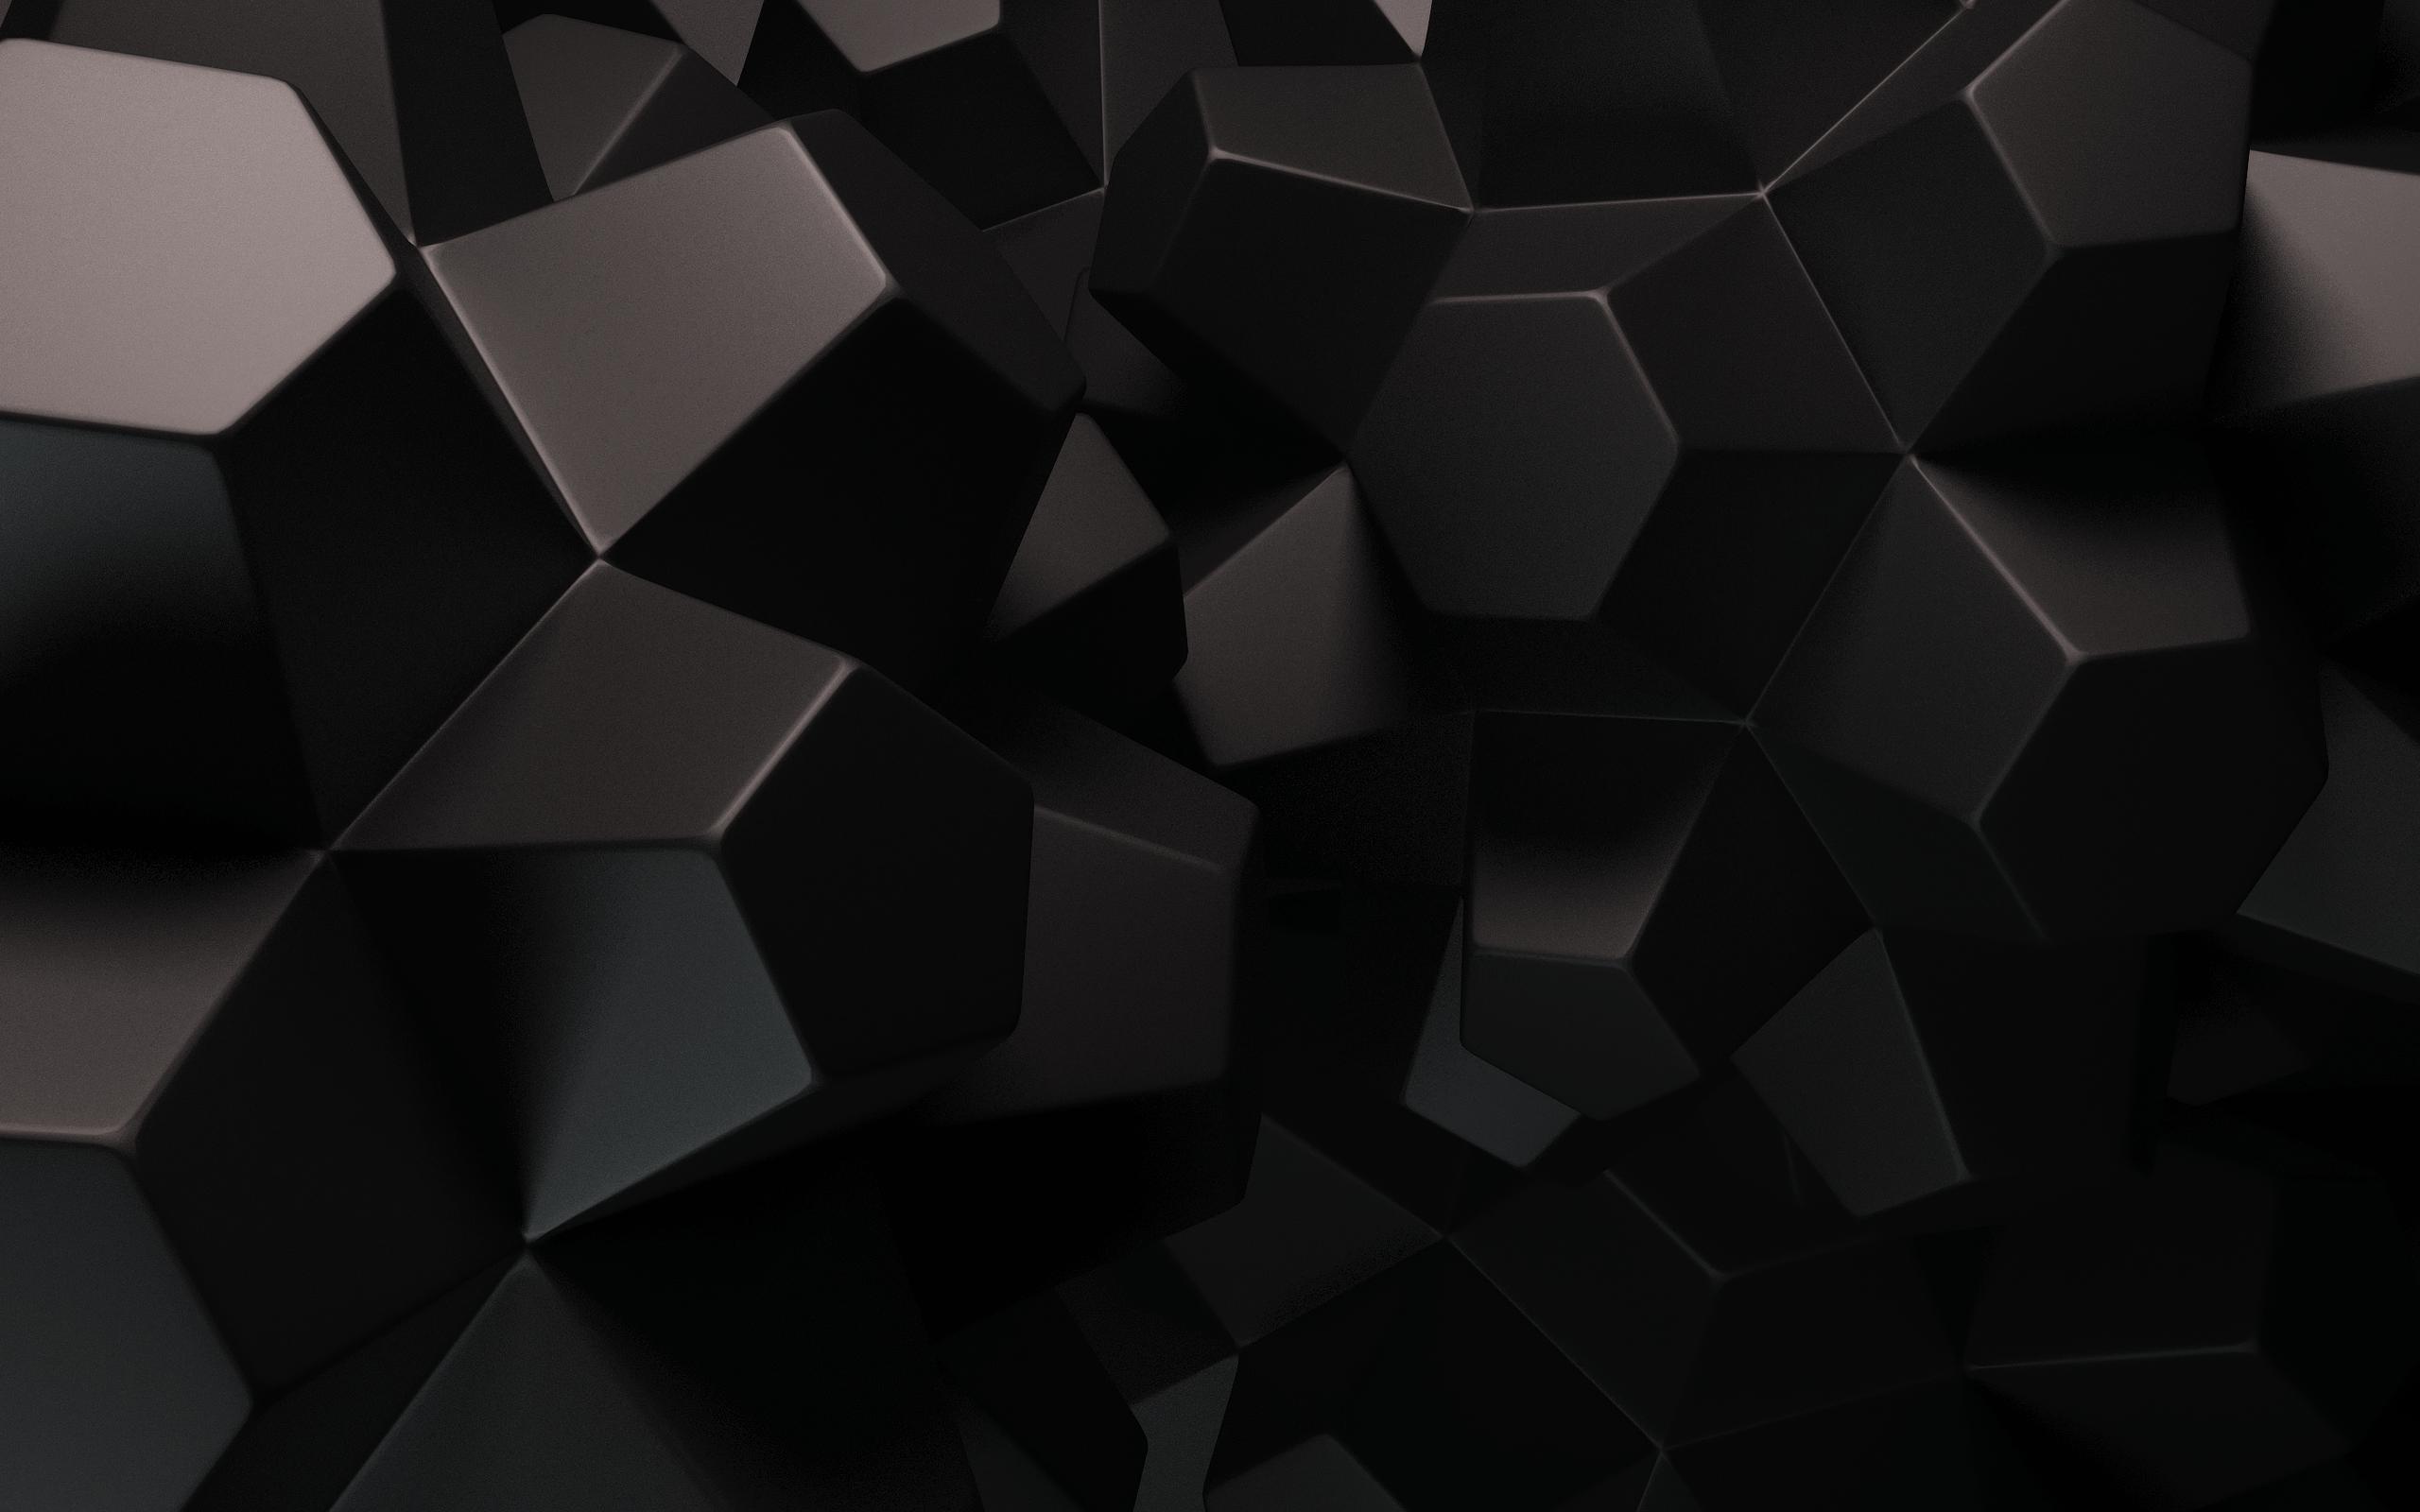 Geometry Wallpapers - WallpaperSafari